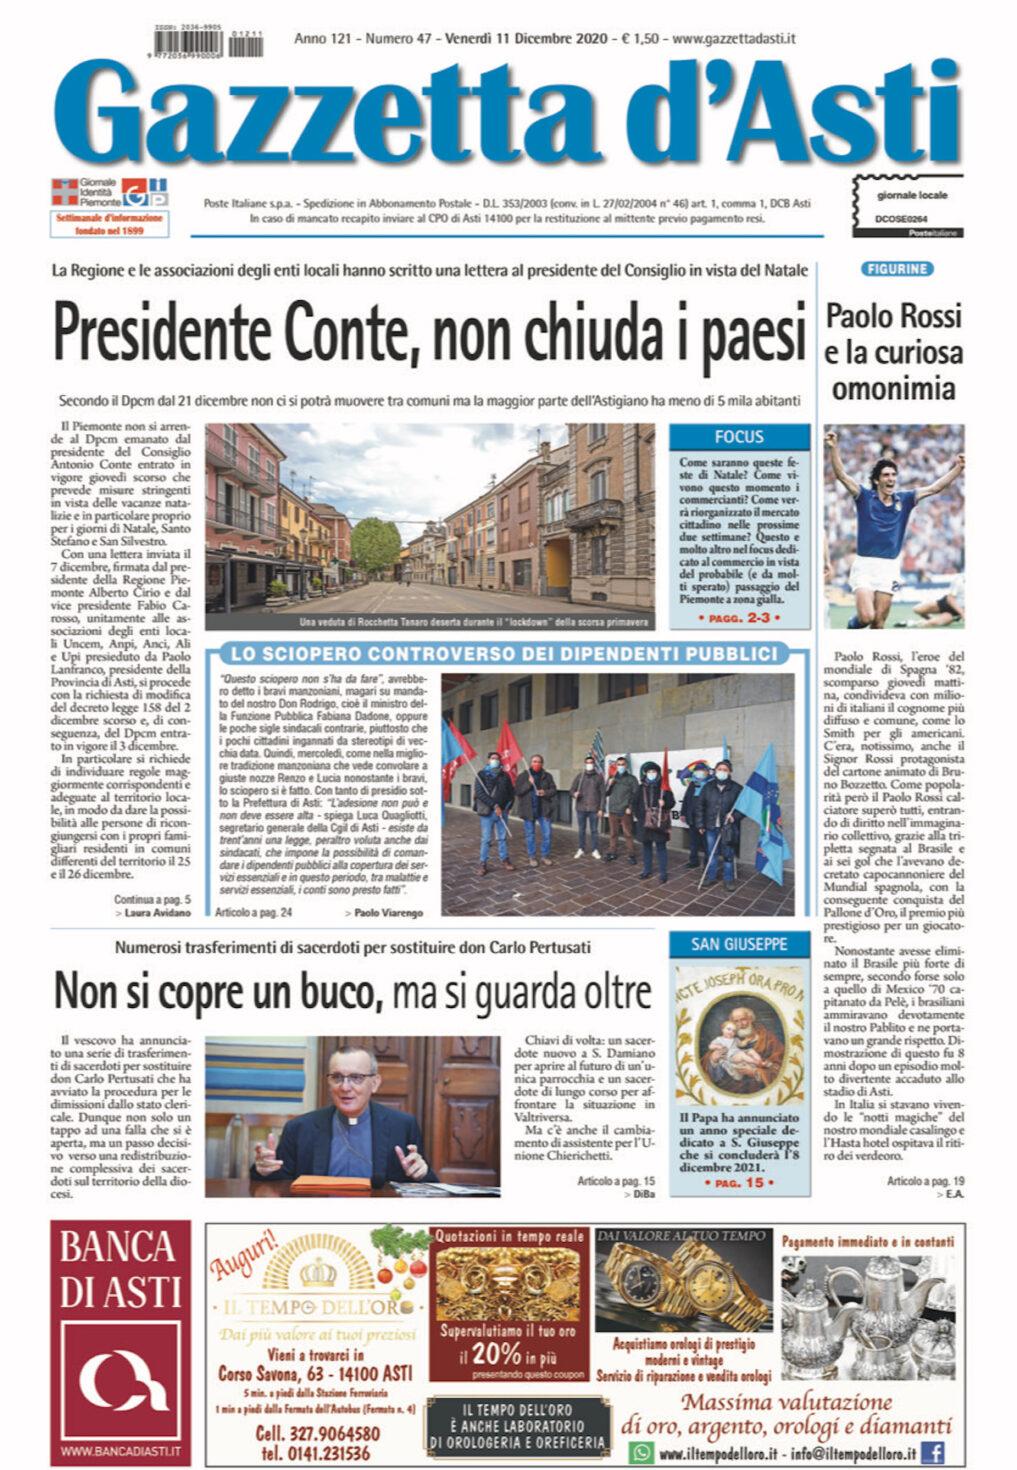 Prima pagina – 11 dicembre 2020